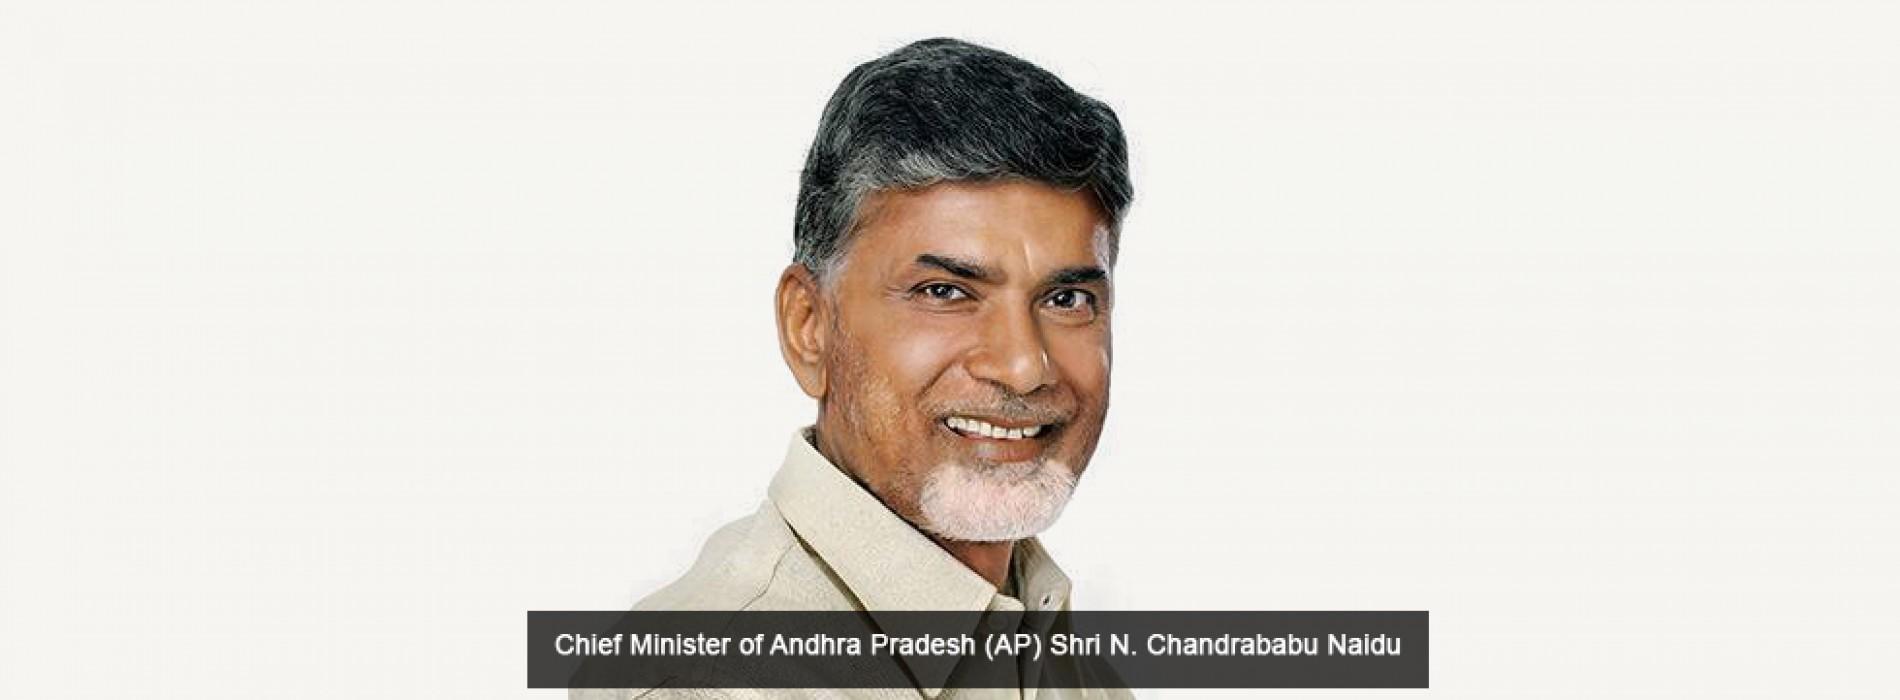 AP Chief Minister unveils new program bouquet for active tourism promotion